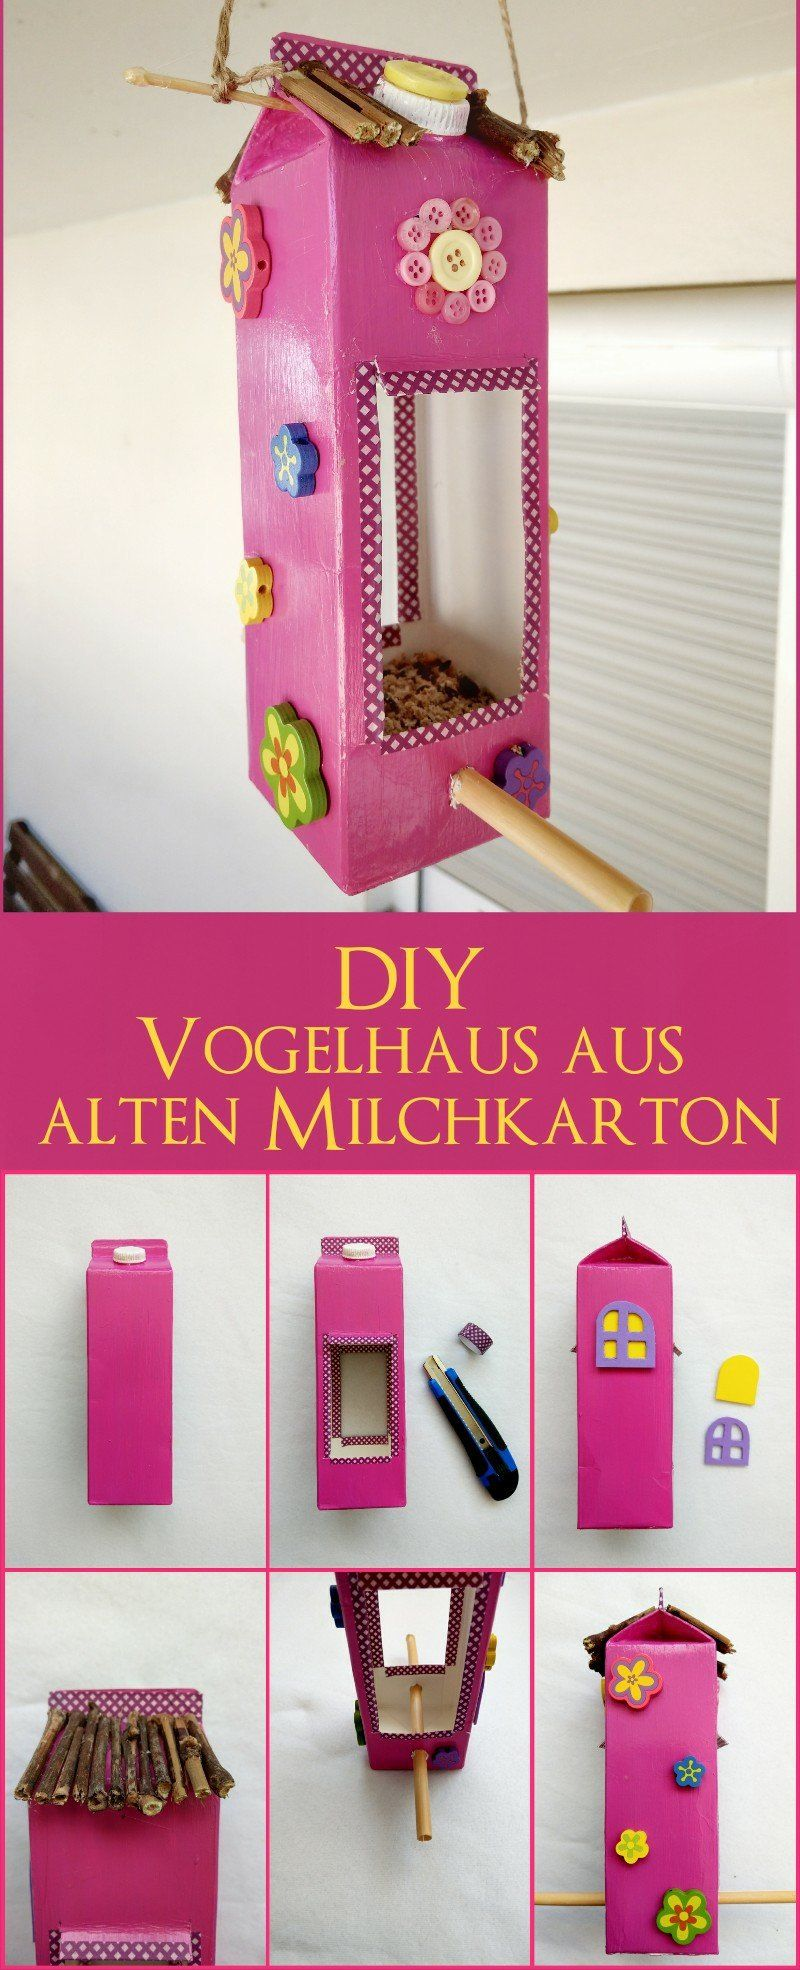 vogelhaus aus milcht ten basteln mit kindern ein futterhaus selbermachen basteln malen. Black Bedroom Furniture Sets. Home Design Ideas